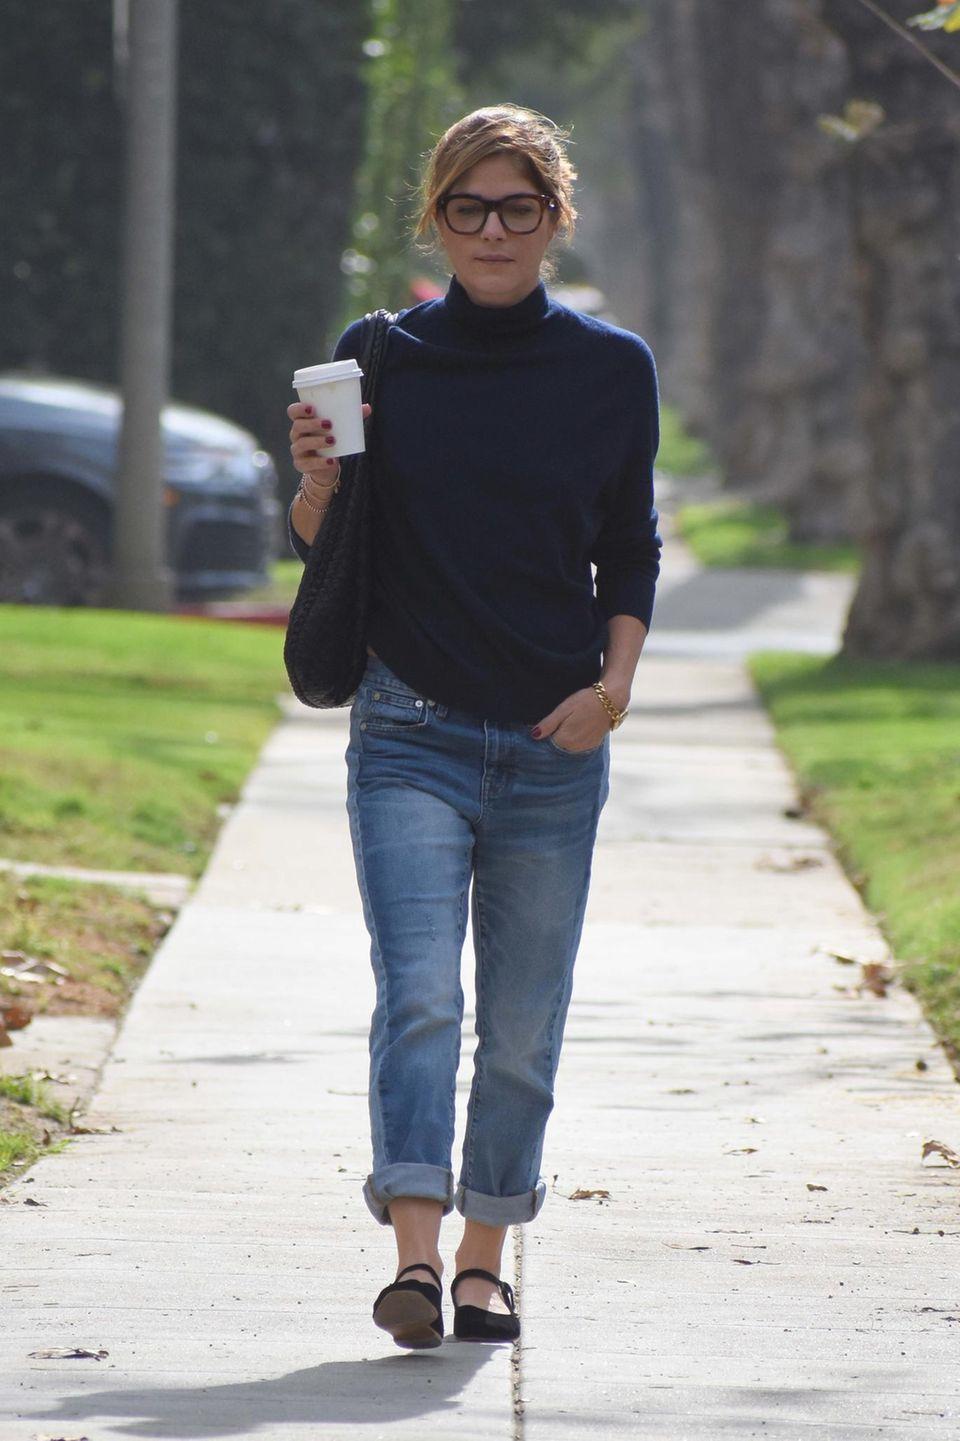 Schauspielerin Selma Blair zeigt sich bei einem entspannten Spaziergang in Jeans, Pullover und Ballerinas. Kaffee, Brille und ein lockerer Zopf machen den Sonntagslook perfekt.